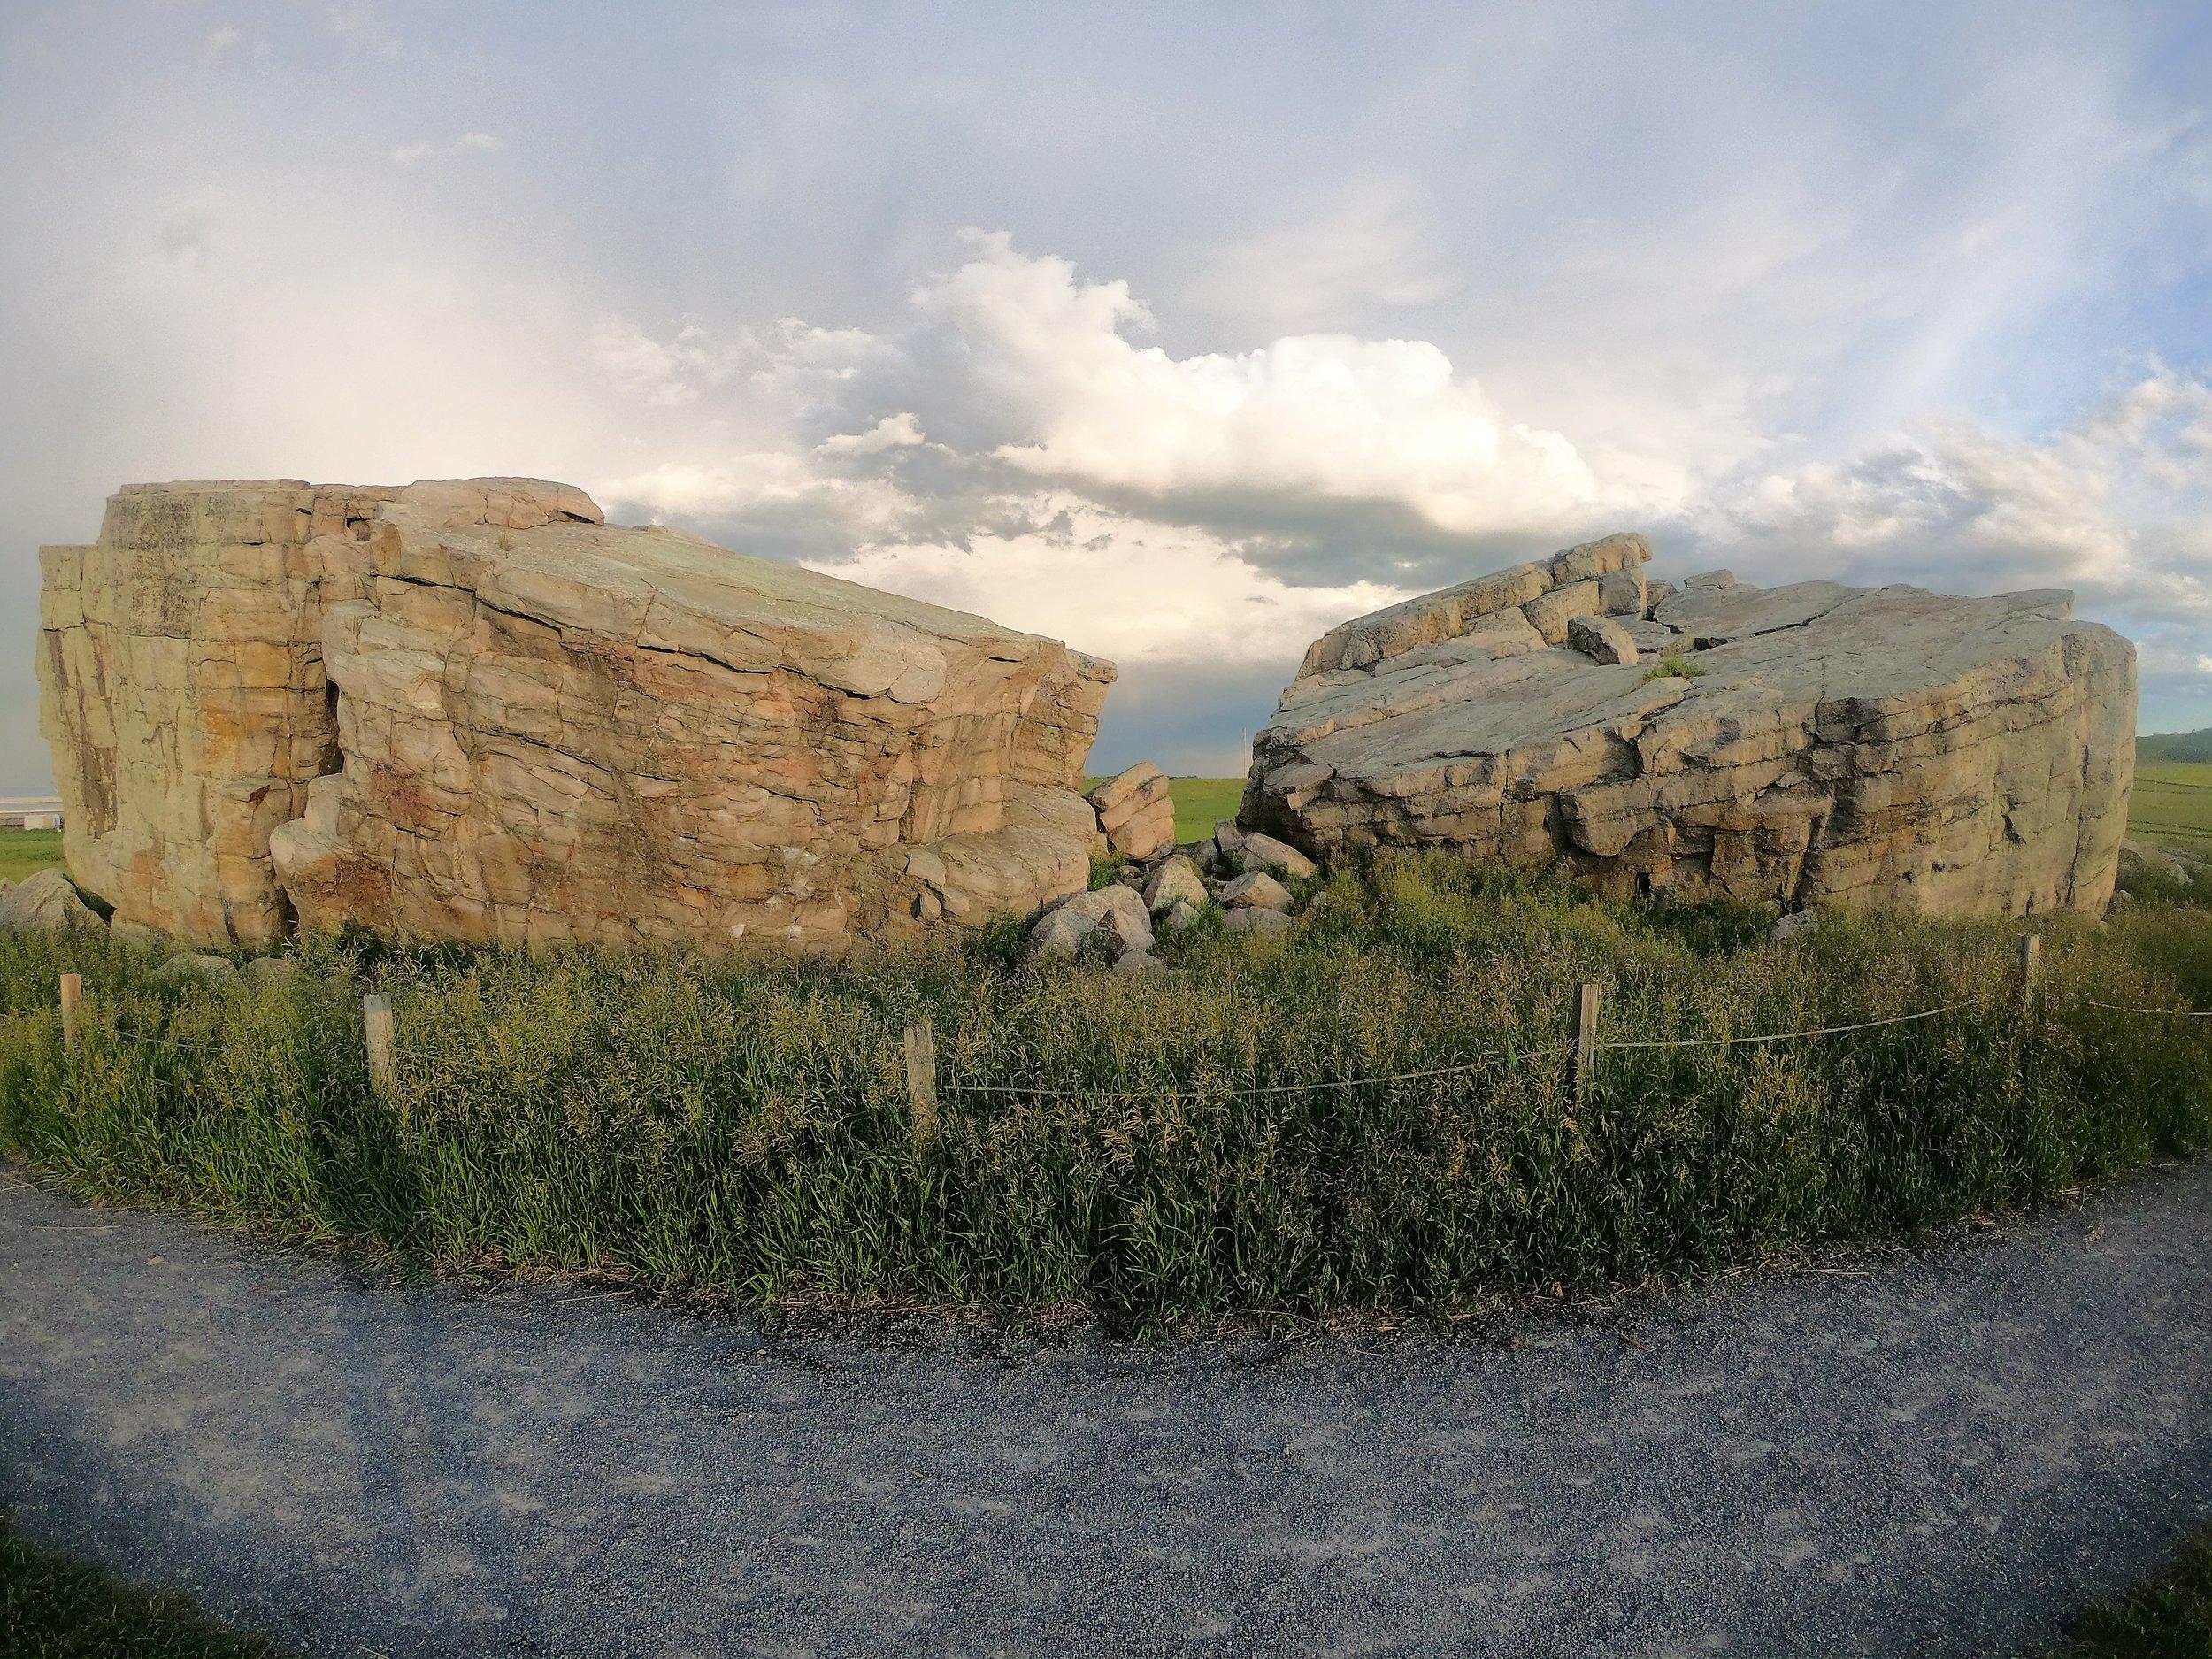 Big Rock (Glacier Erratic) in Calgary, Alberta, Canada